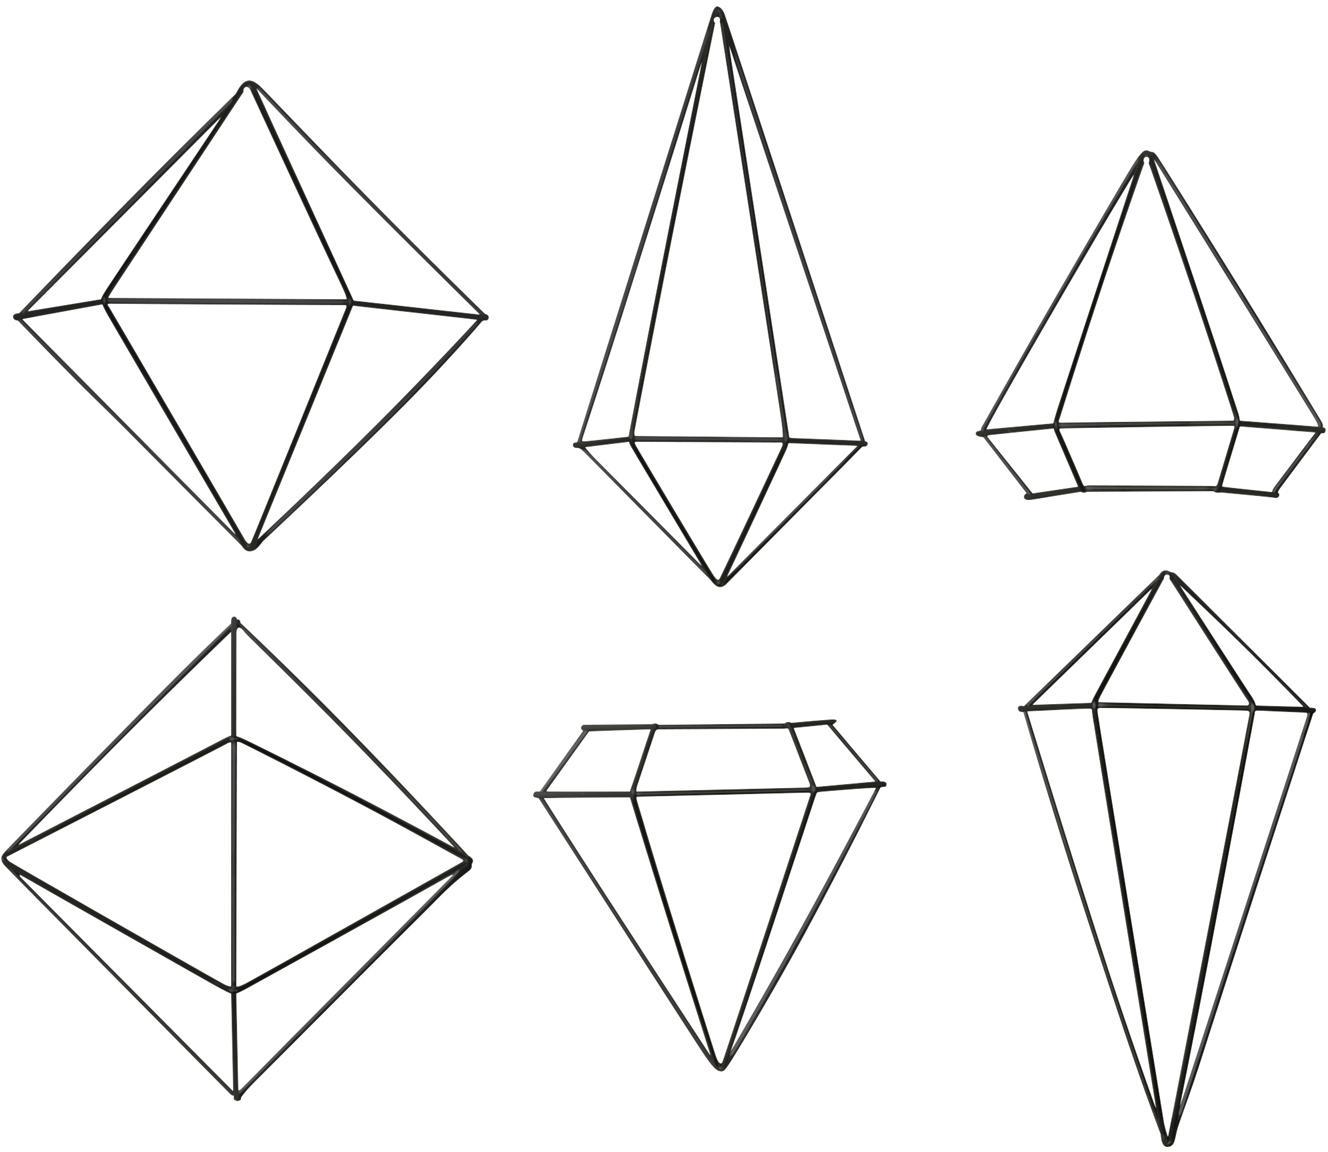 Wandobjekte-Set Prisma aus lackiertem Metall, 6-tlg., Metall, lackiert, Schwarz, Sondergrößen